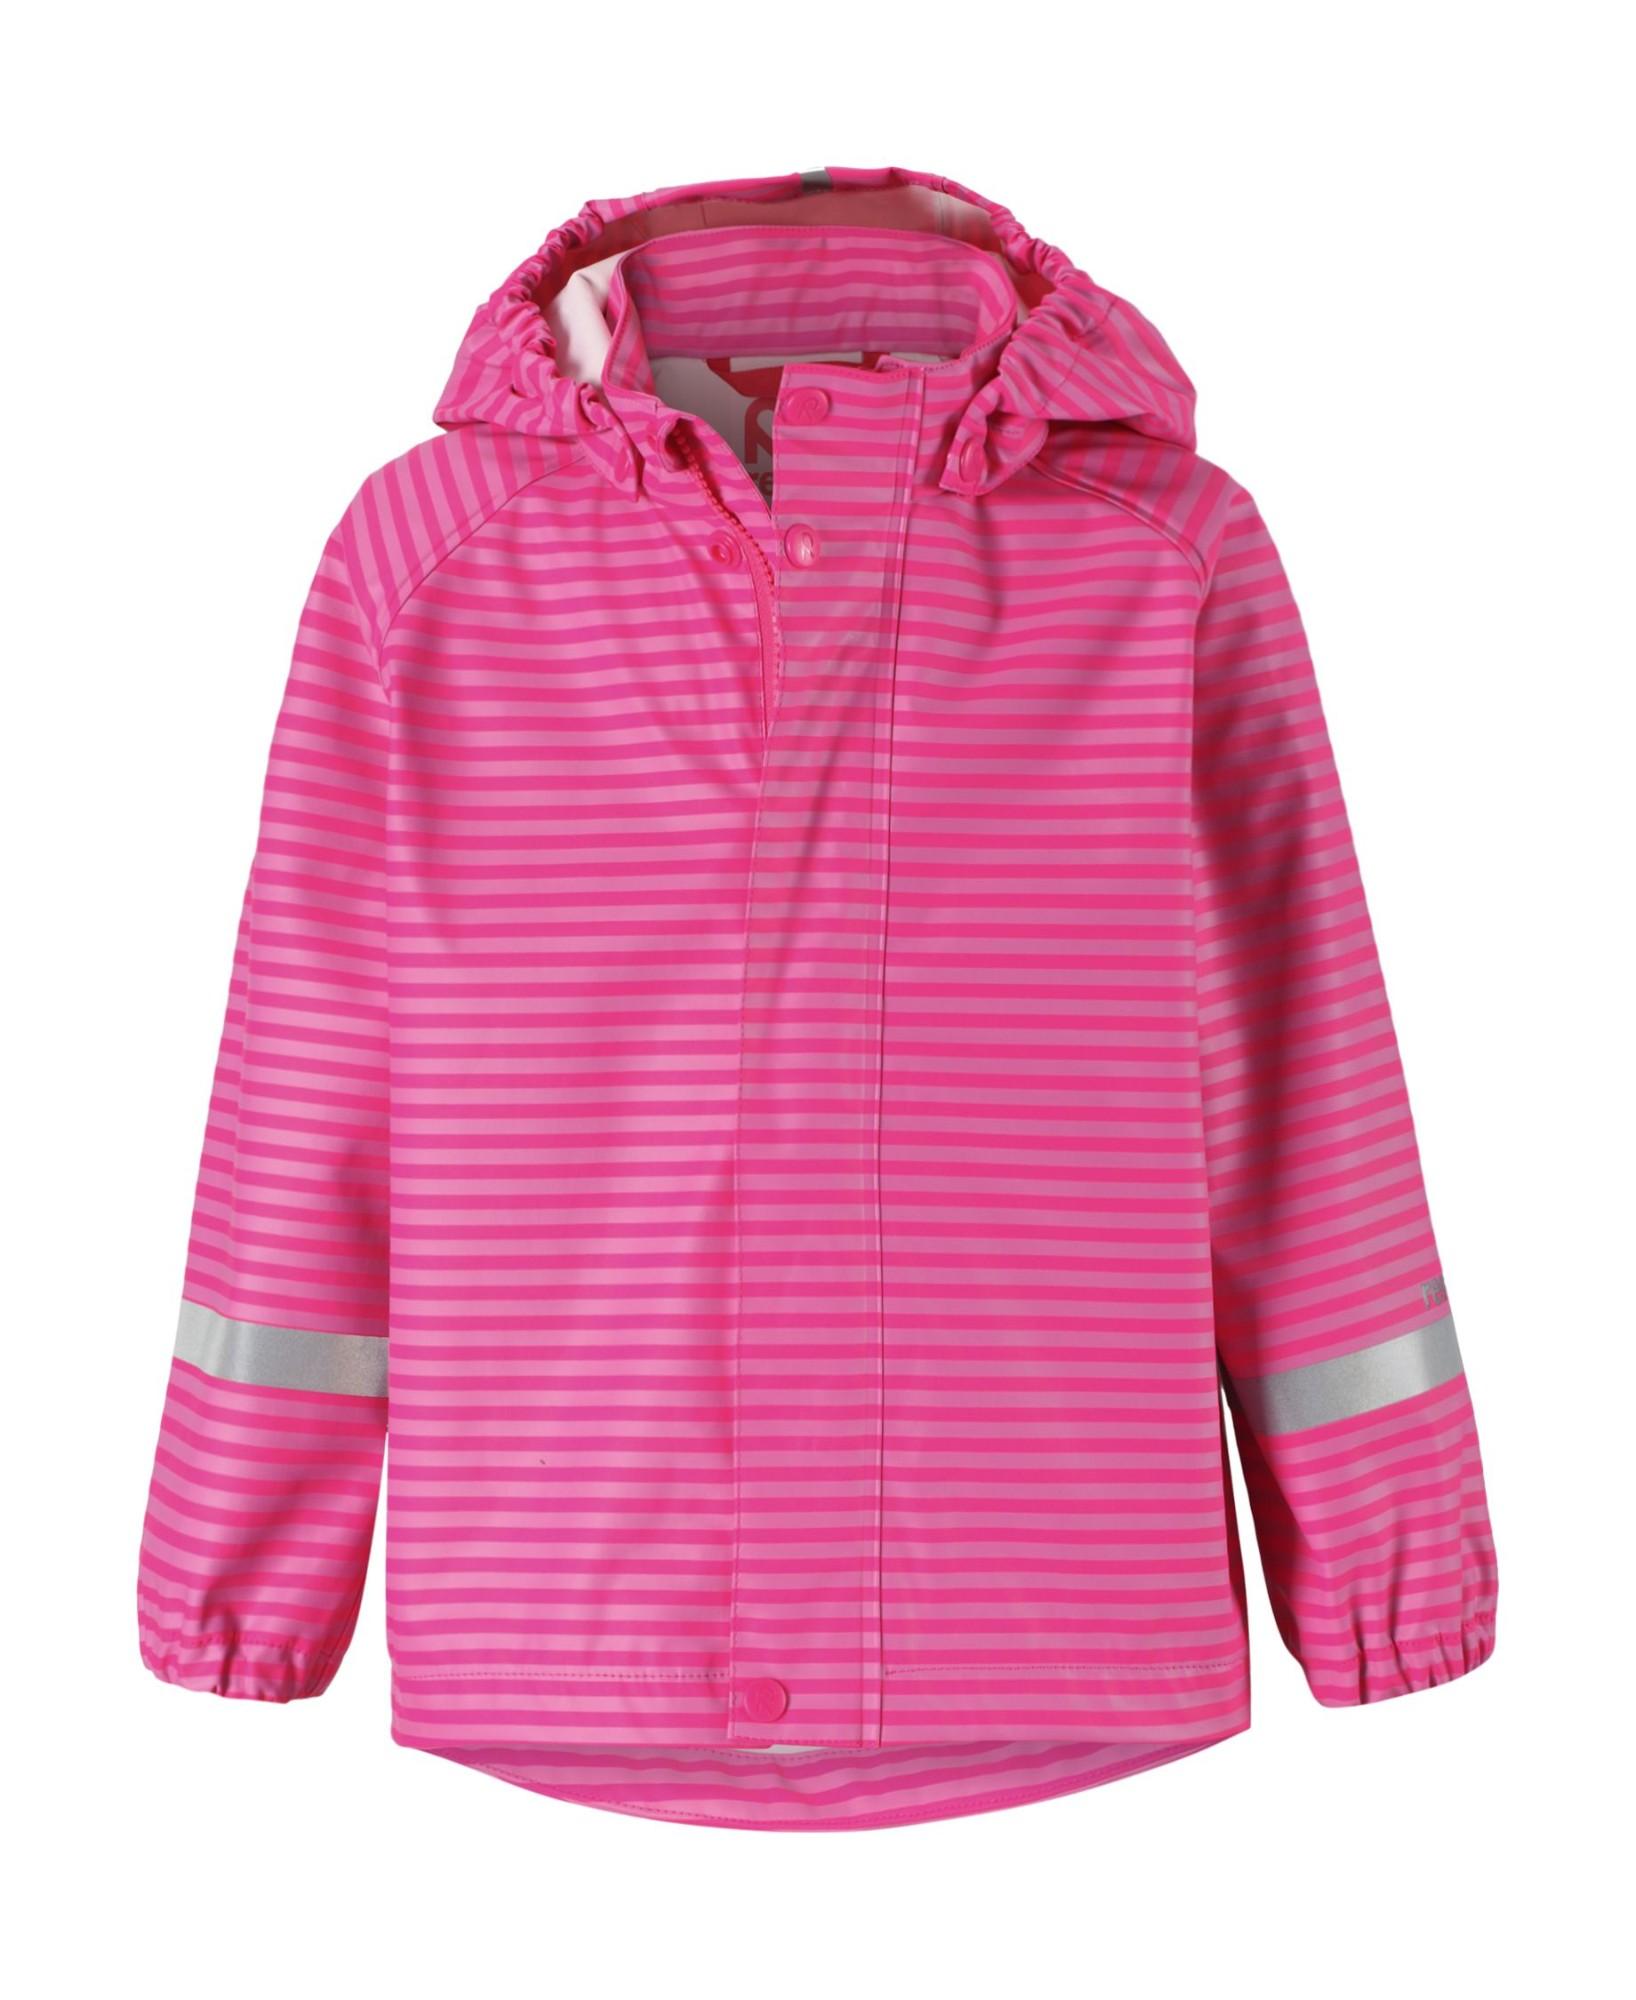 REIMA Vesi Cabdy Pink 134